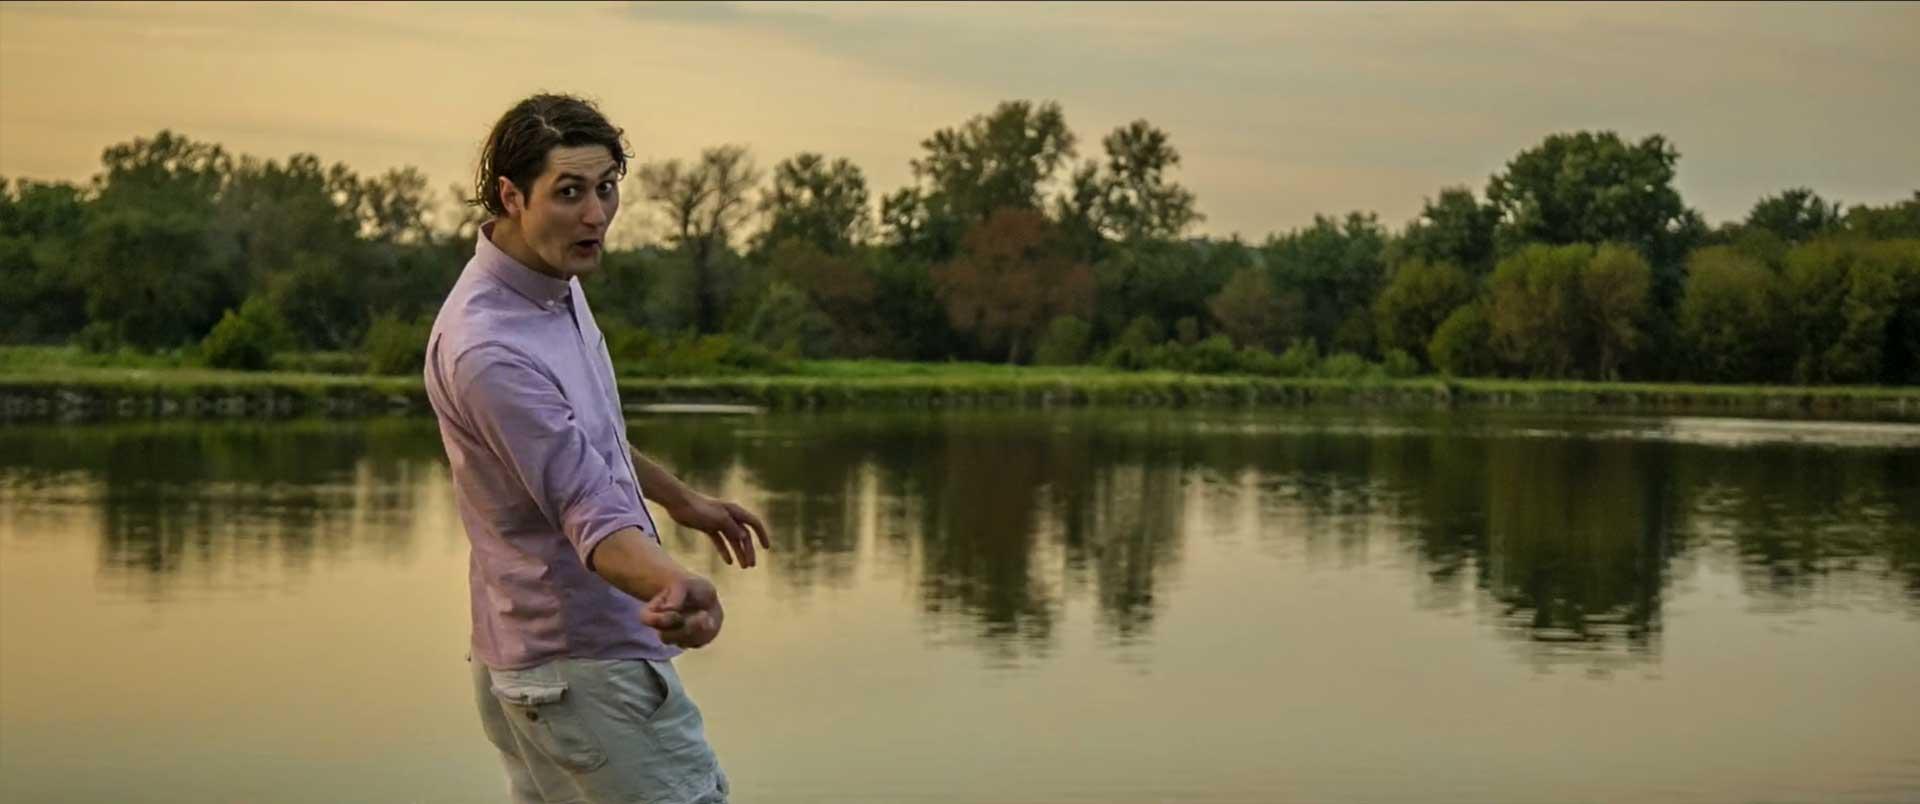 BetterThread - Everlane Button-Down Shirt Review